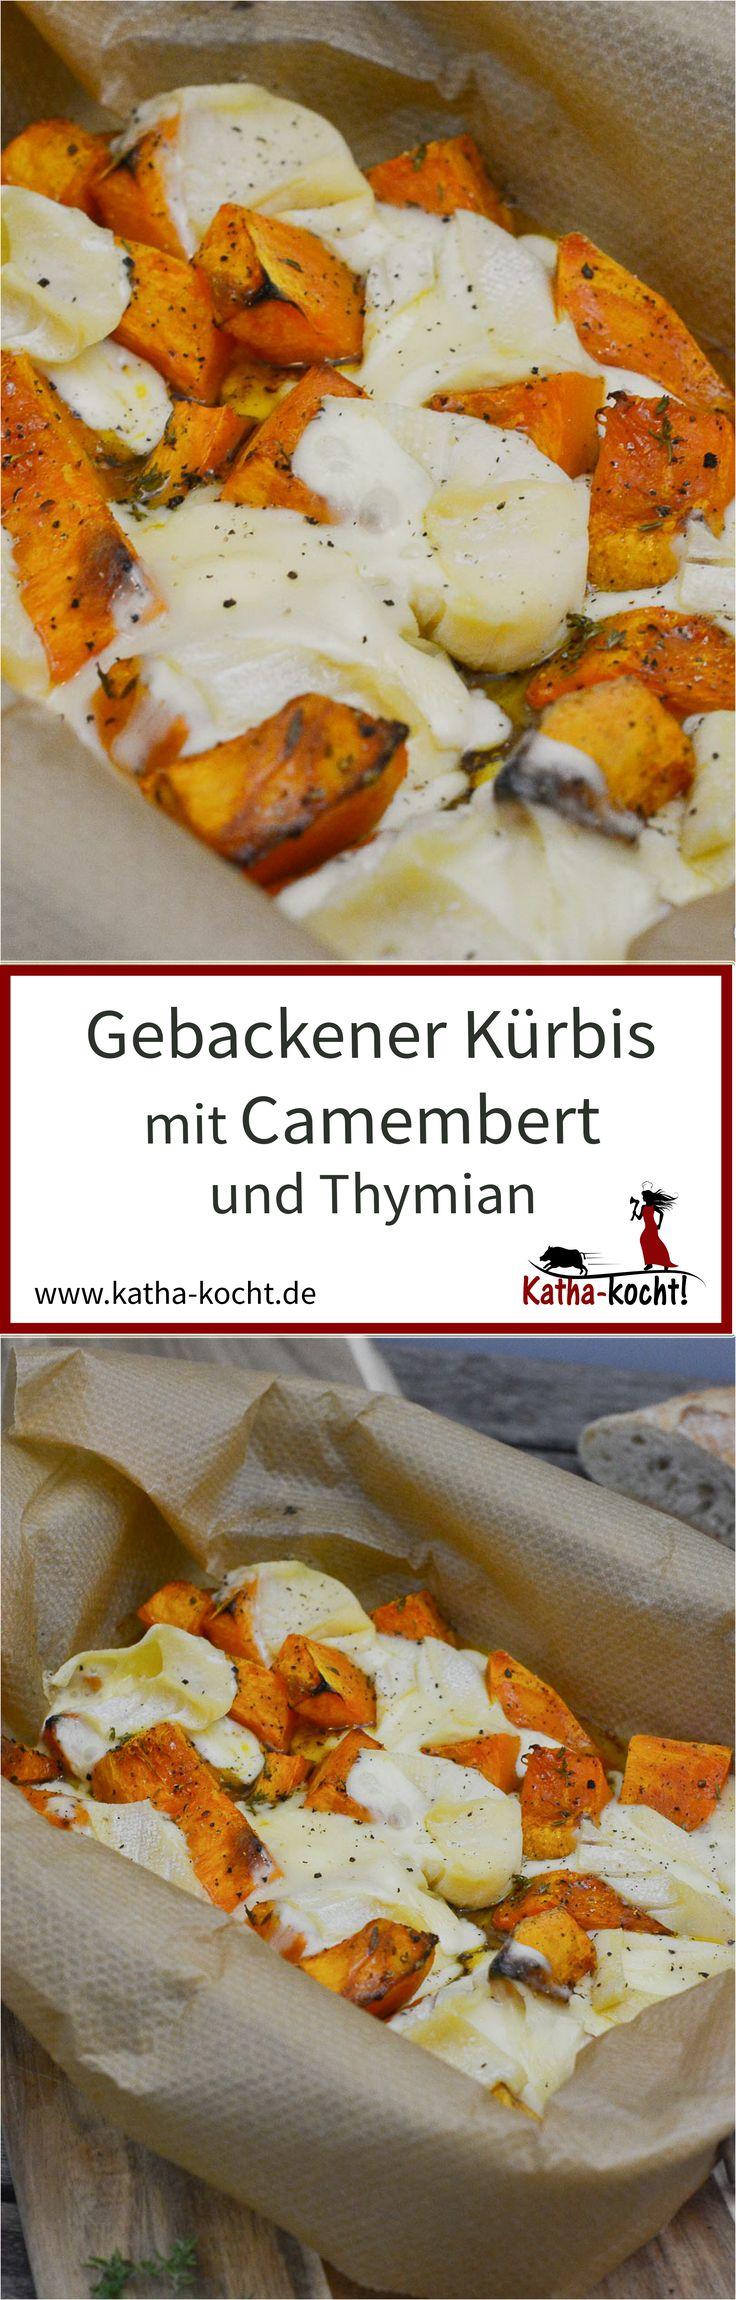 Gebackener Kürbis mit Camembert und Thymian